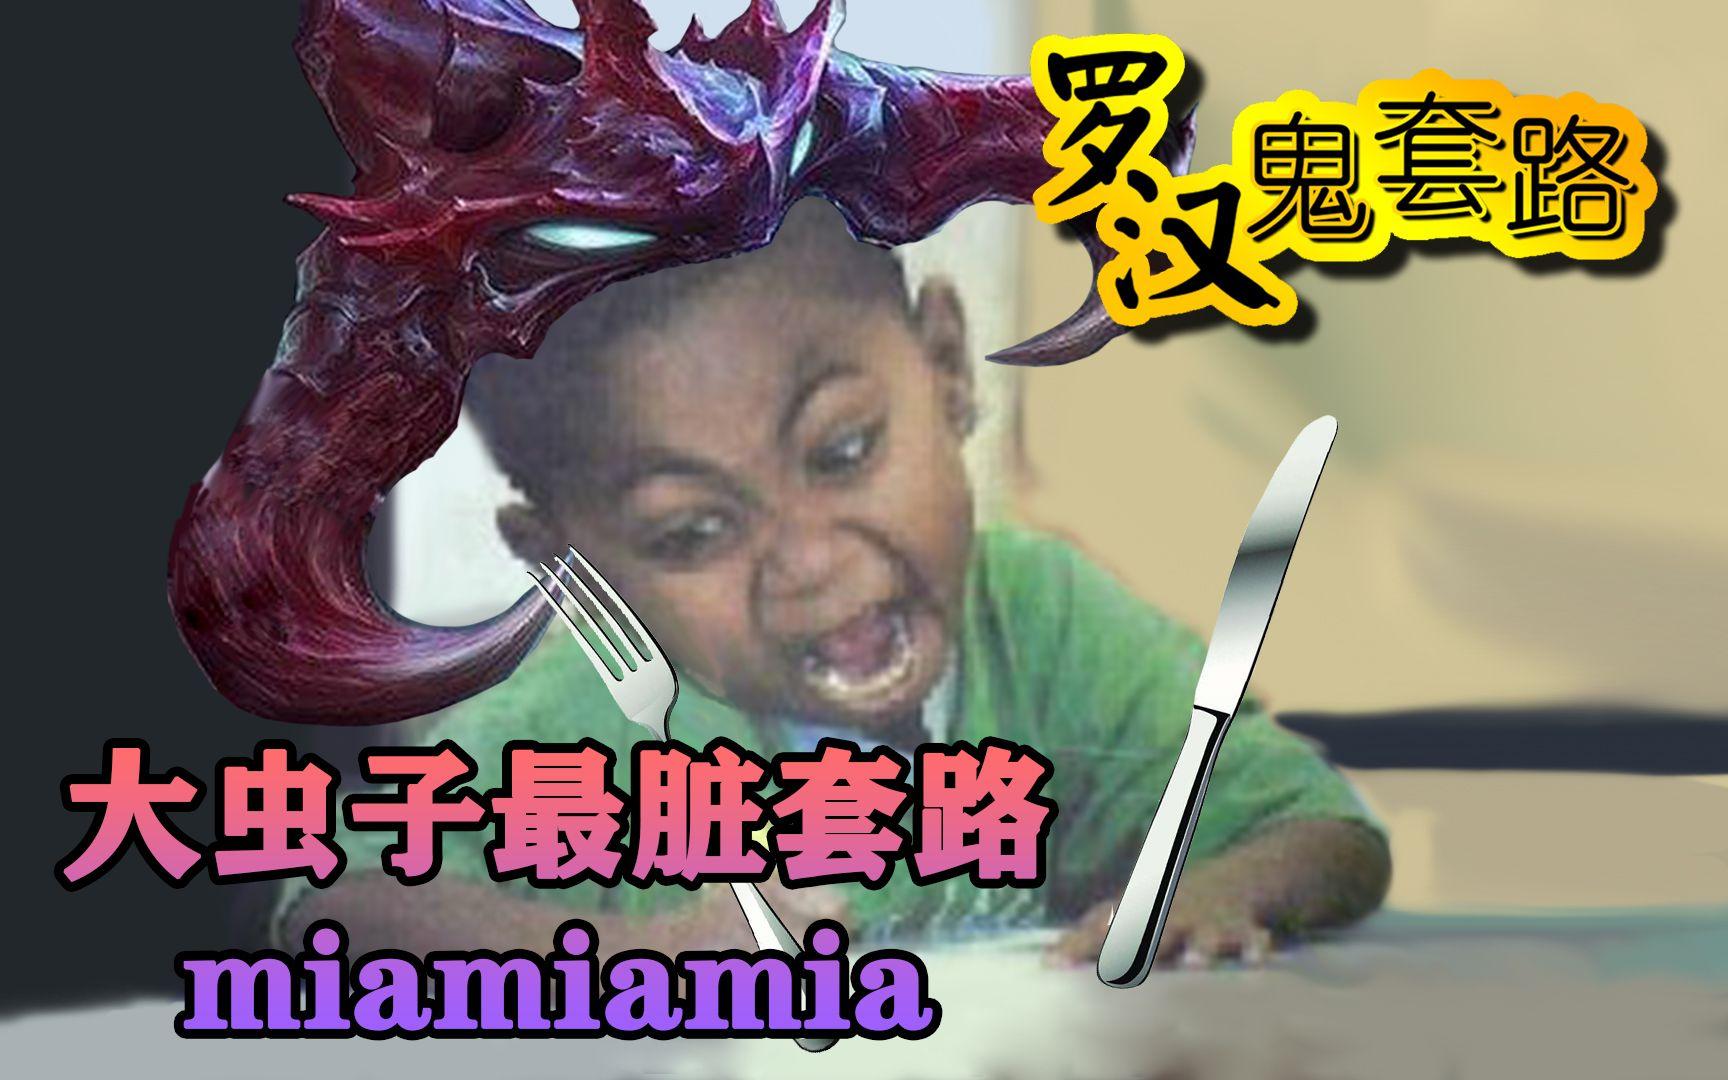 【罗汉鬼套路】大虫子最脏套路 miamiamia